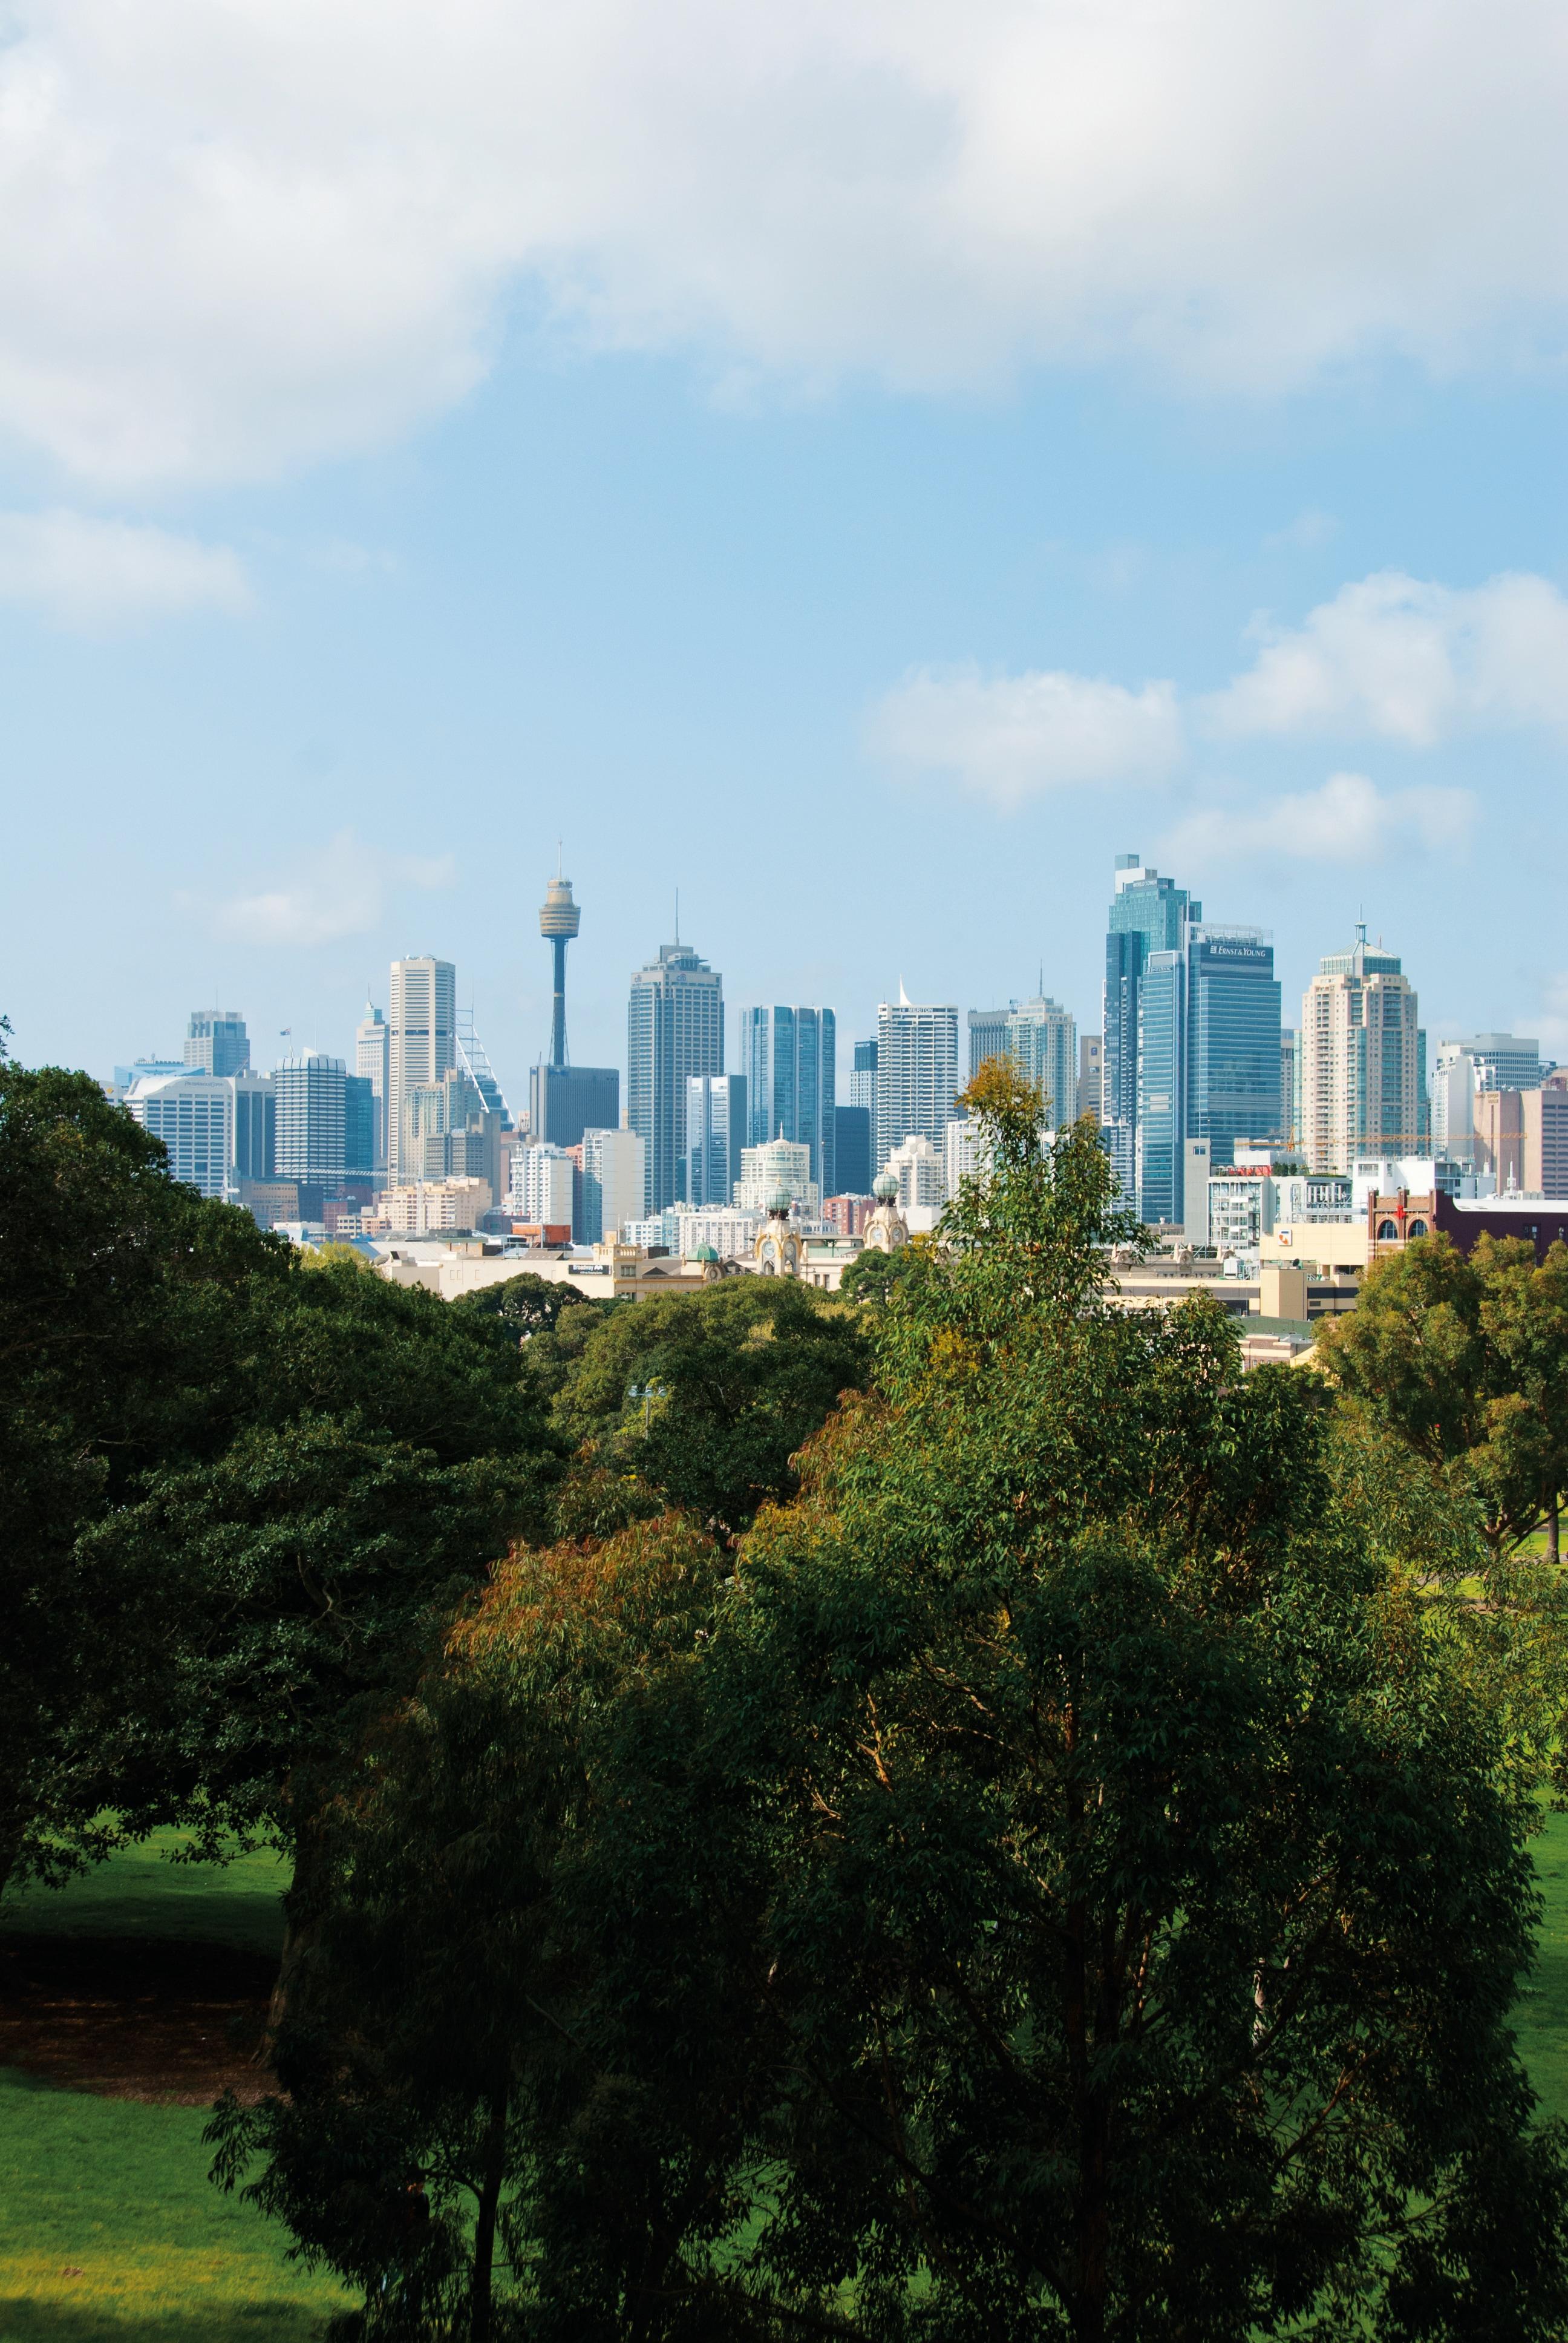 New to Sydney - The University of Sydney